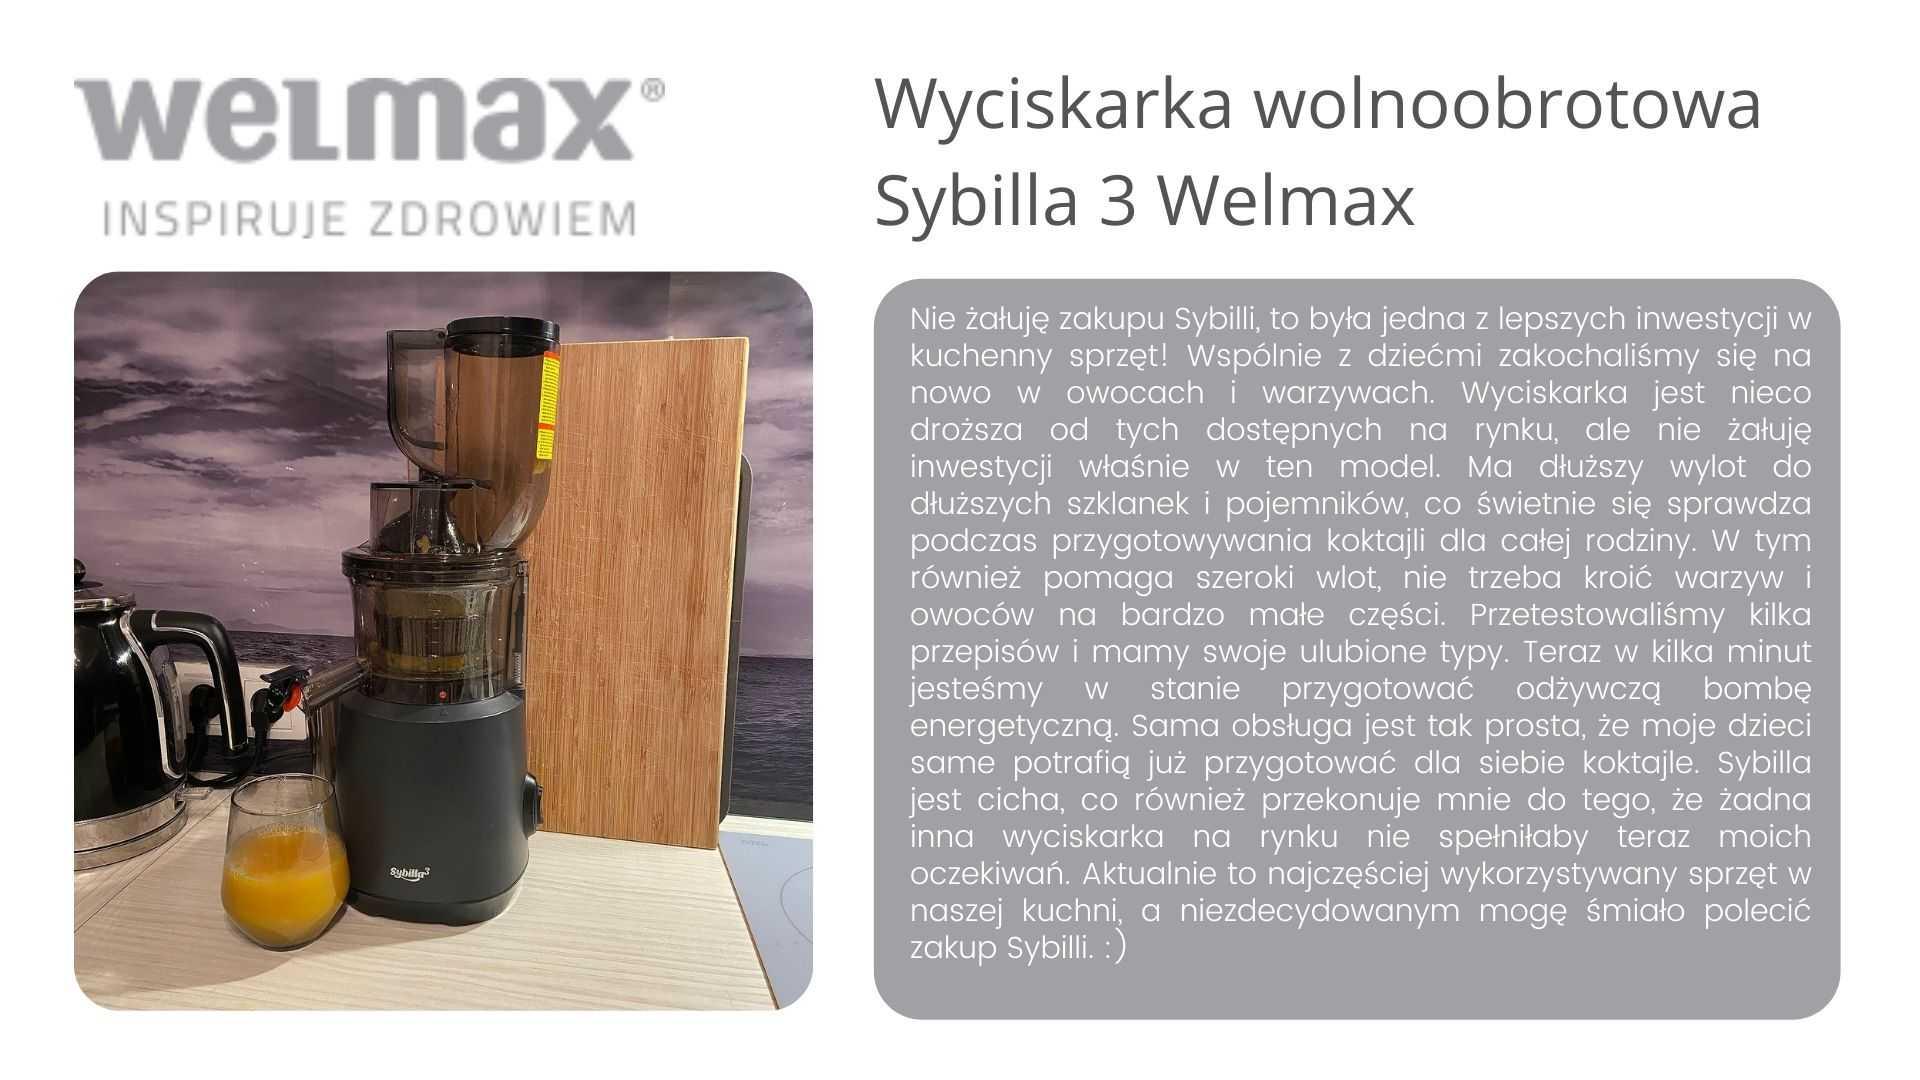 Wyciskarka wolnoobrotowa Sybilla 3 welmax opinie